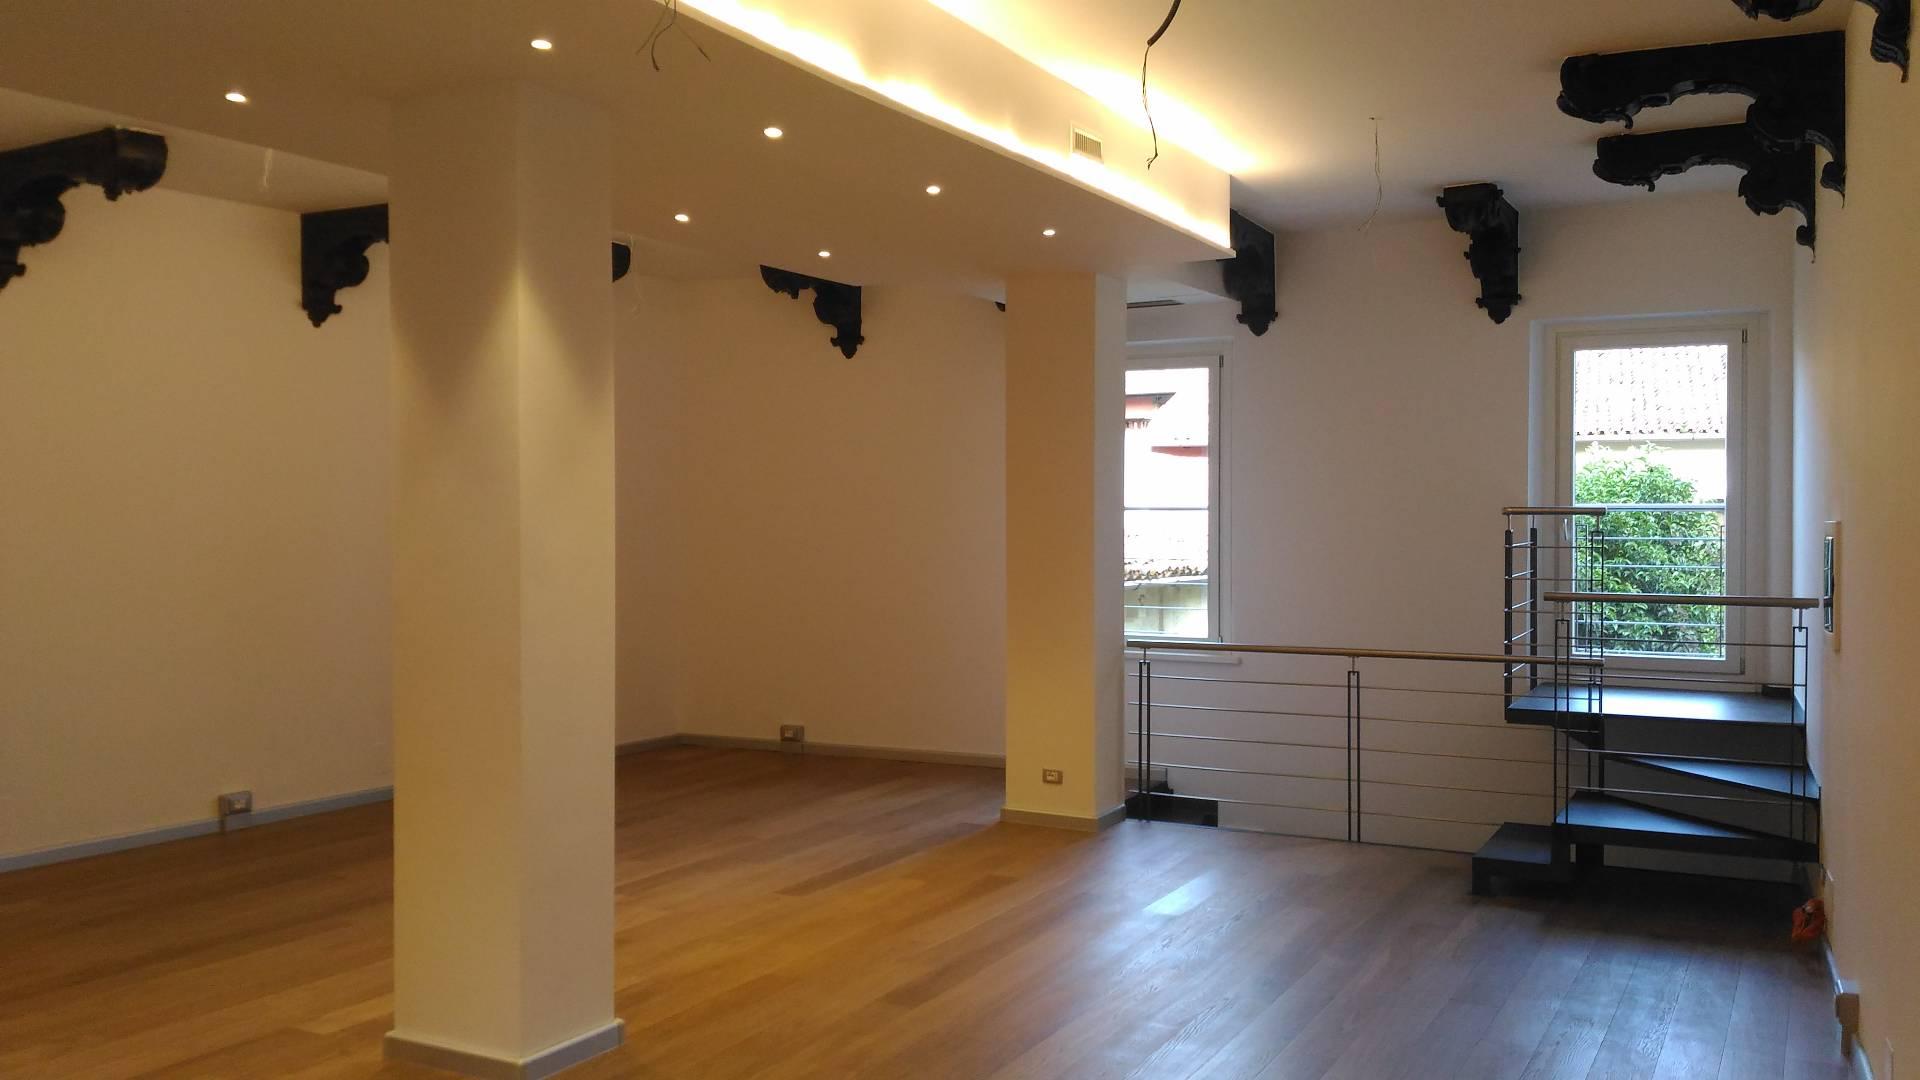 Ufficio / Studio in affitto a Cividale del Friuli, 9999 locali, prezzo € 650 | Cambio Casa.it